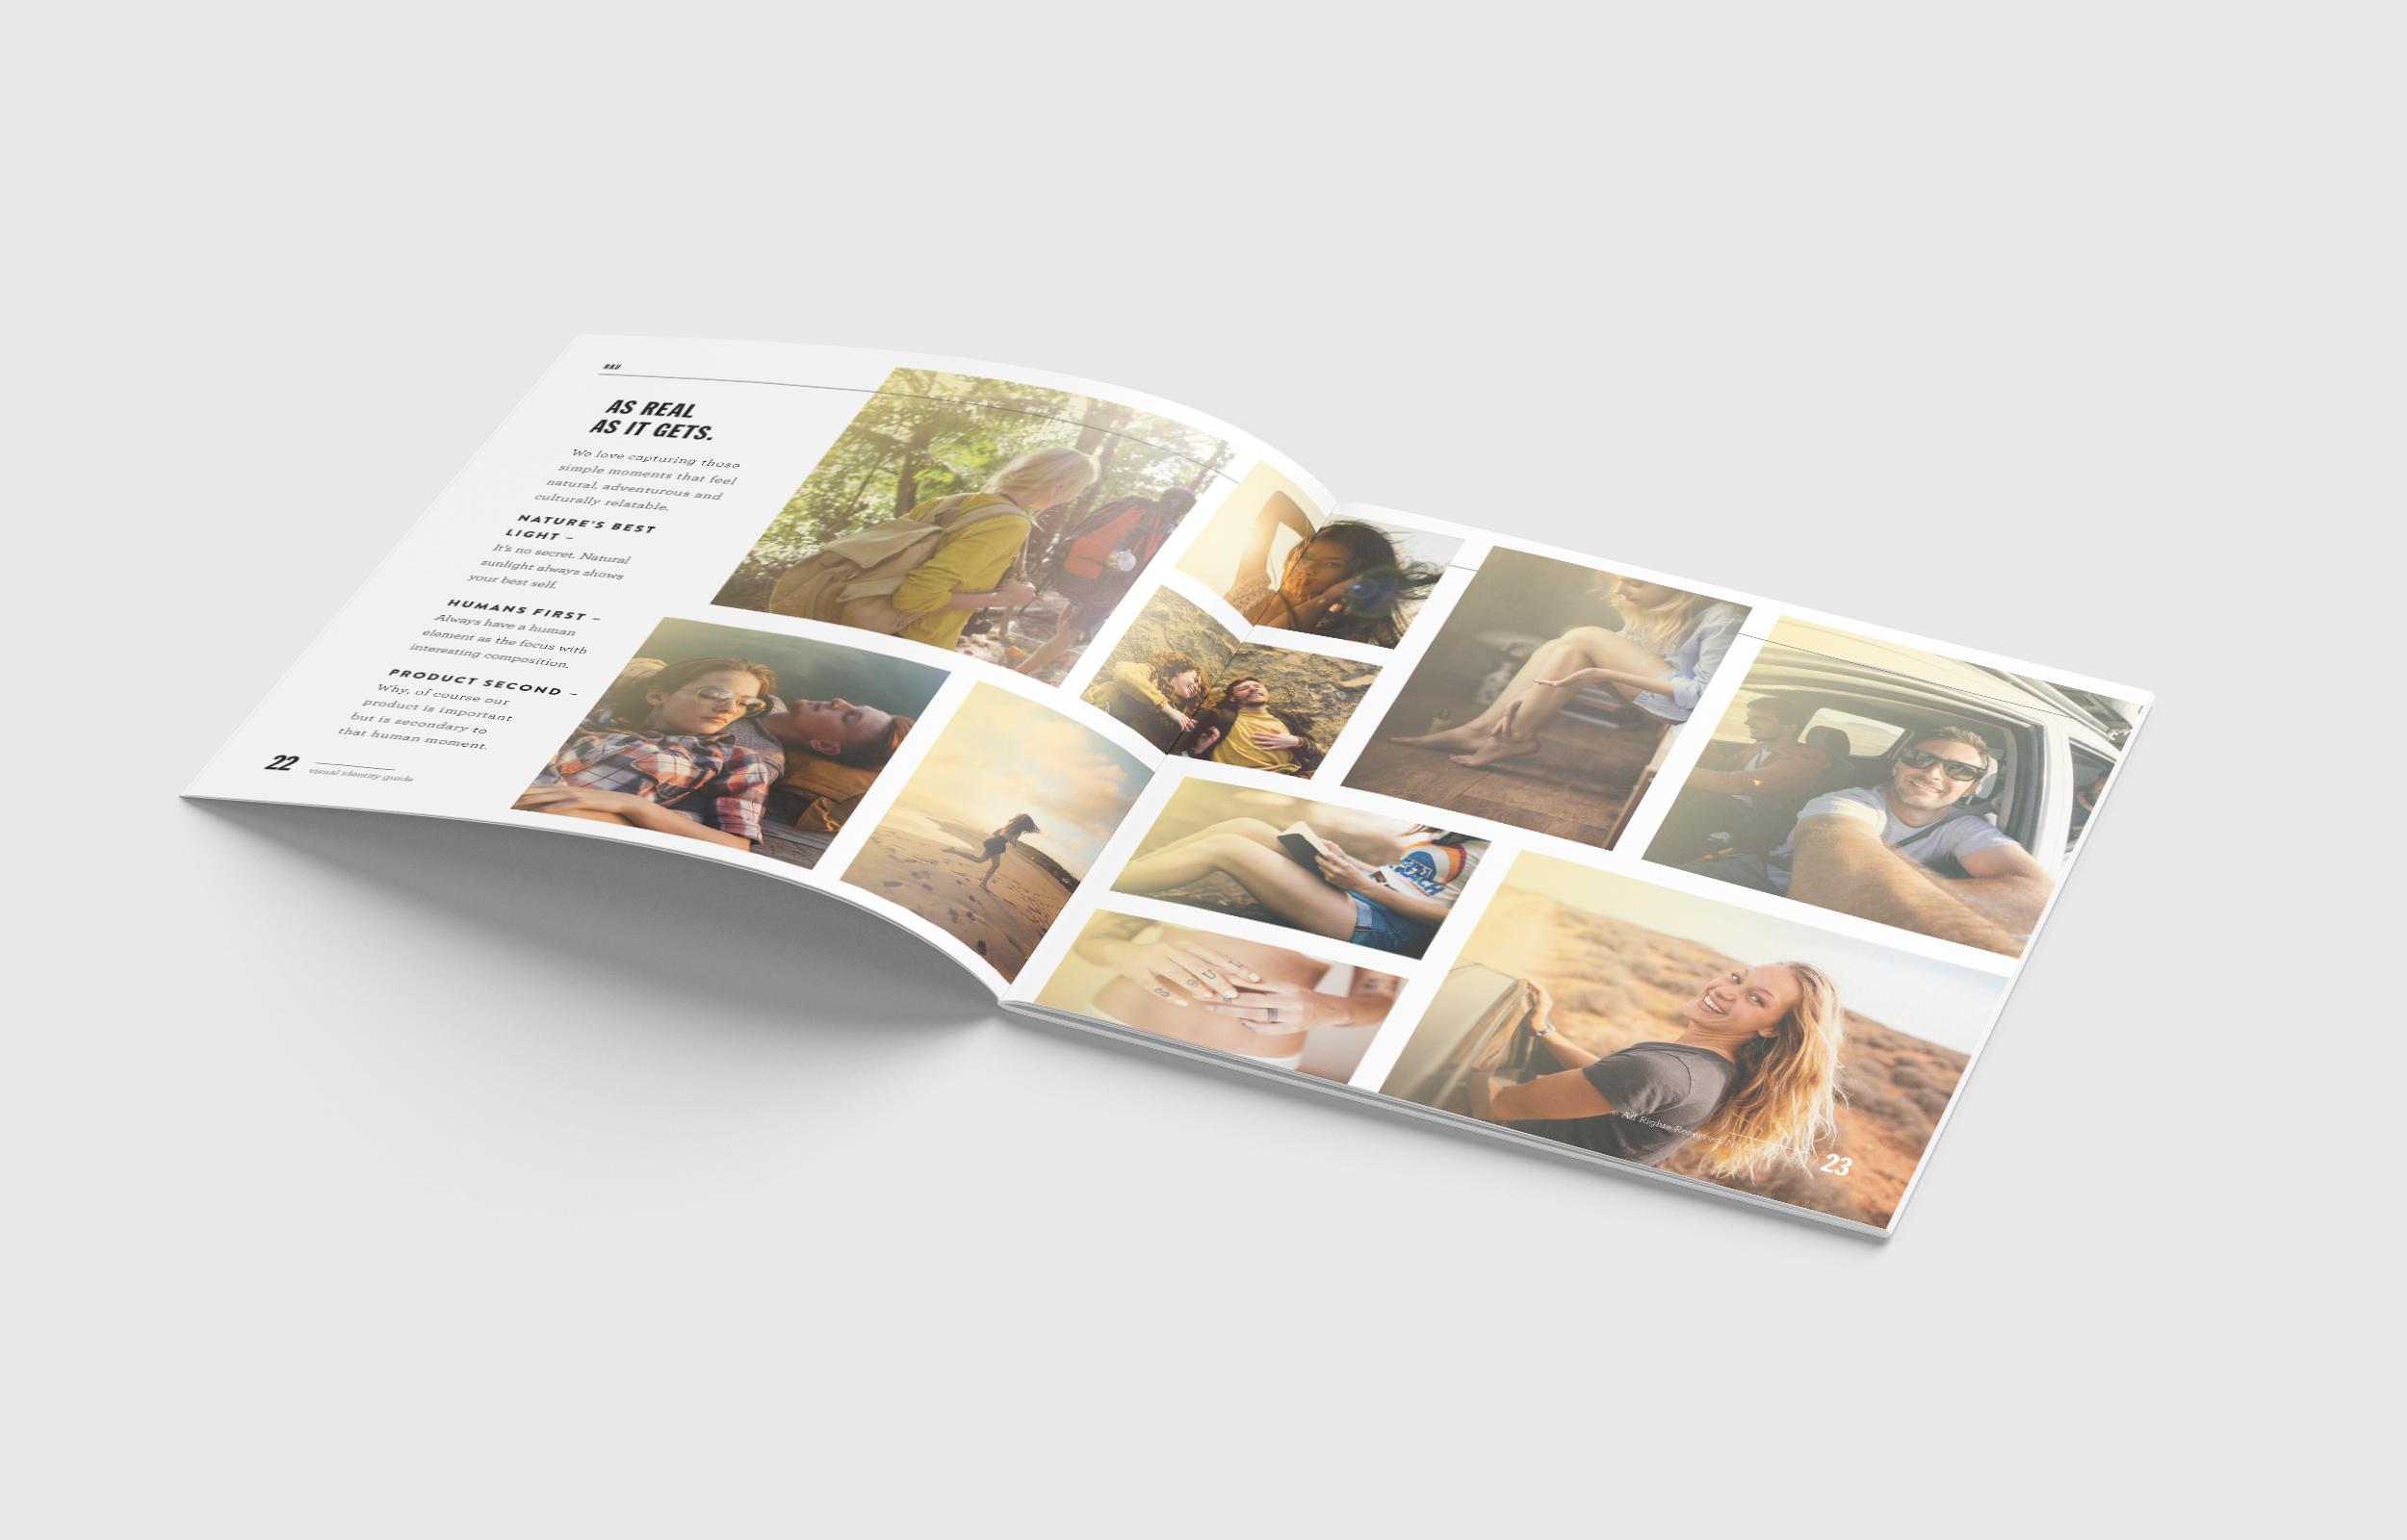 RAU_Book_Mockup_04.jpg